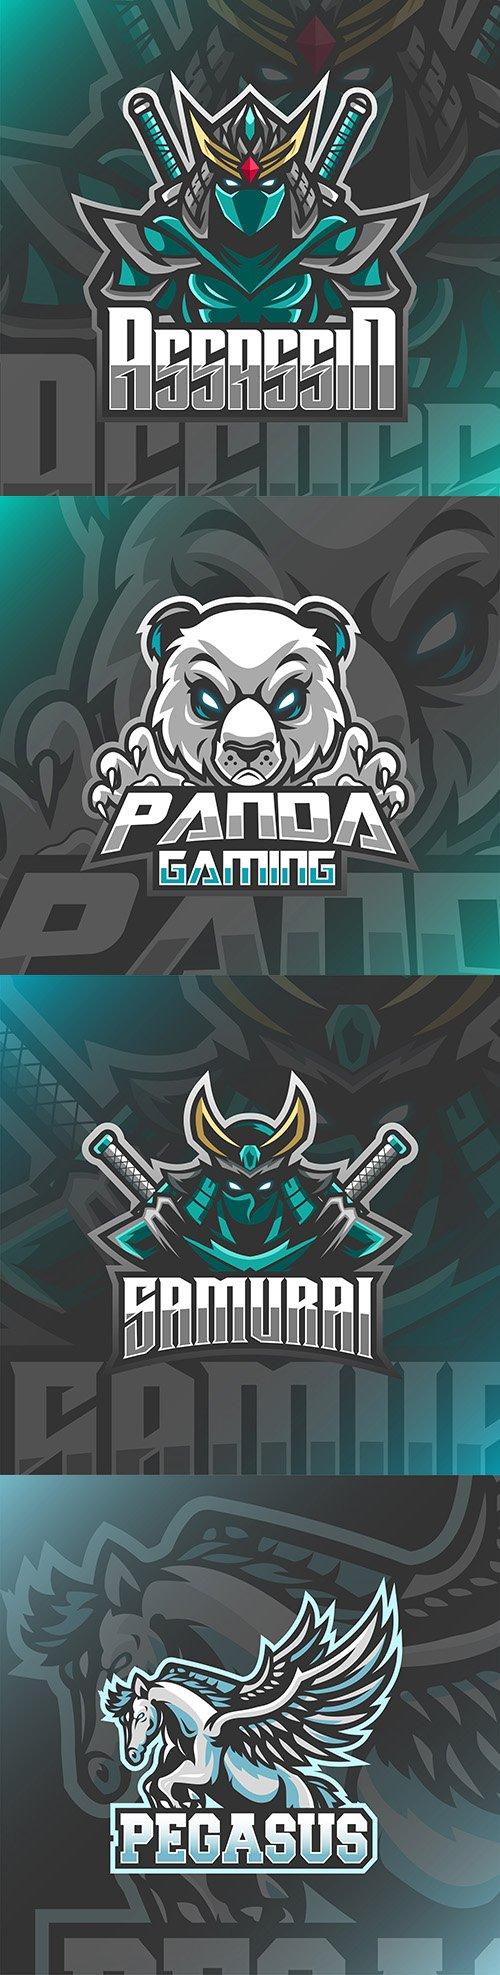 Emblem gaming mascot design esport illustration 17